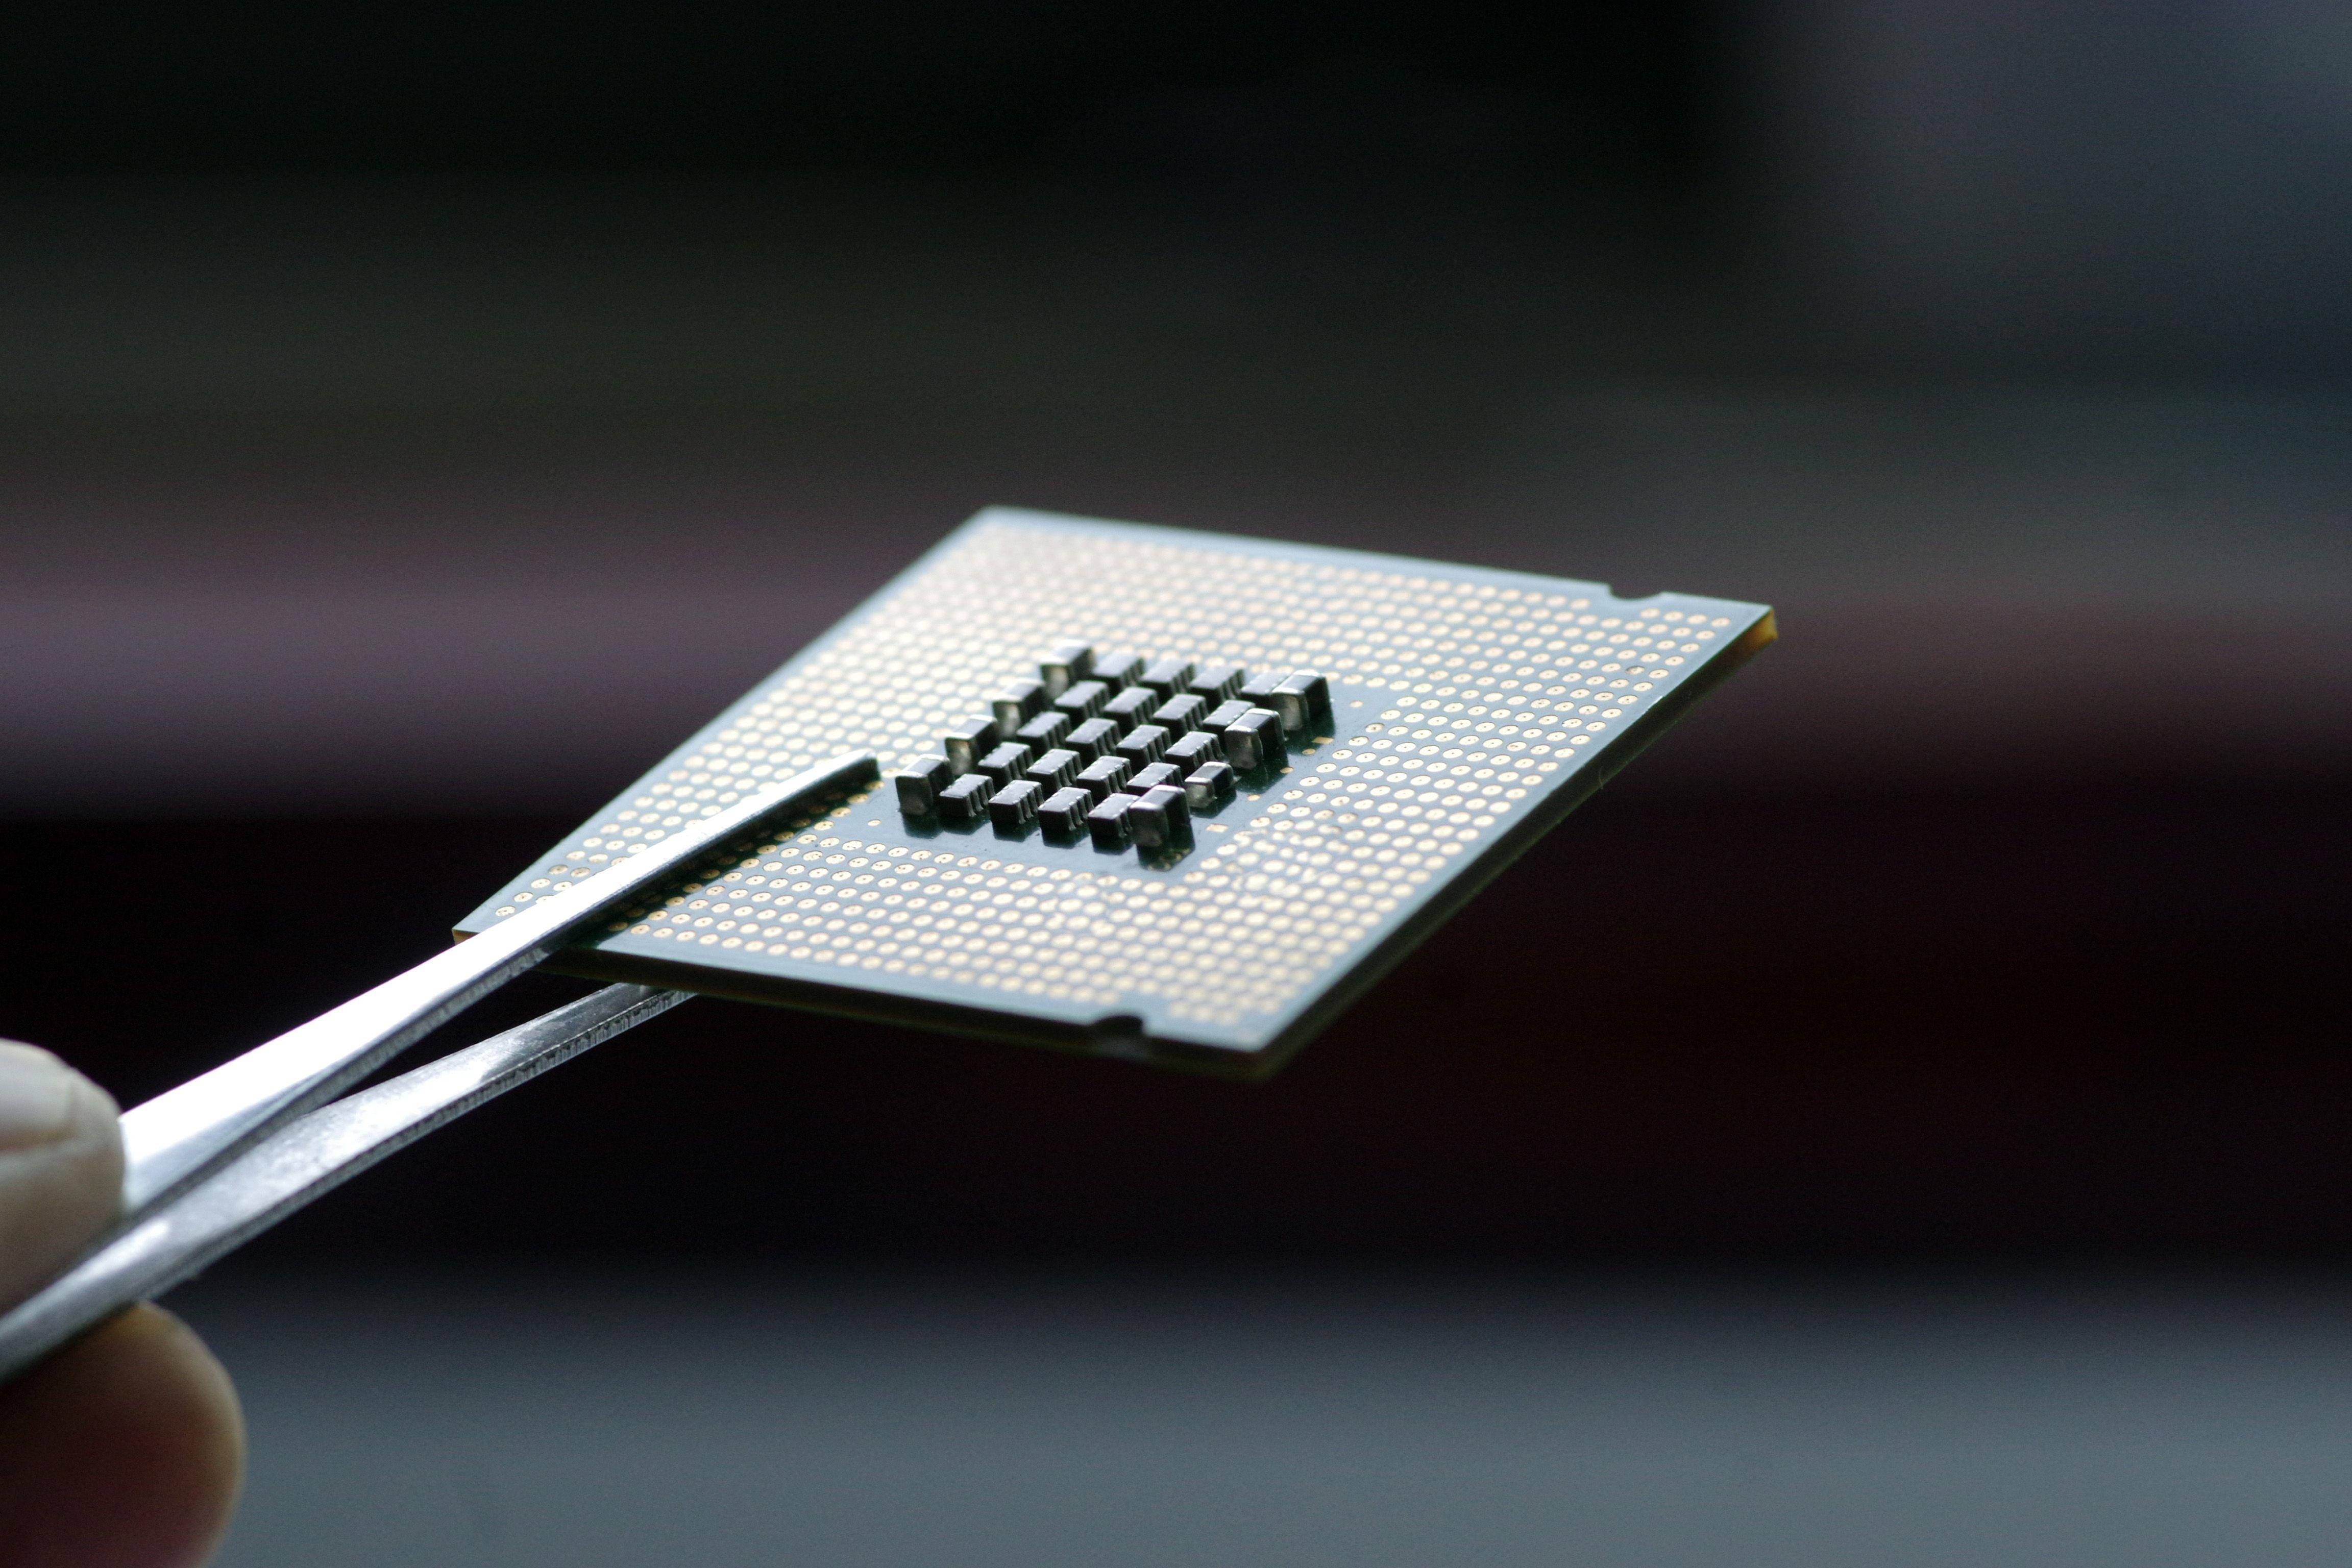 芯片企业星思半导体获近4亿元Pre-A轮融资